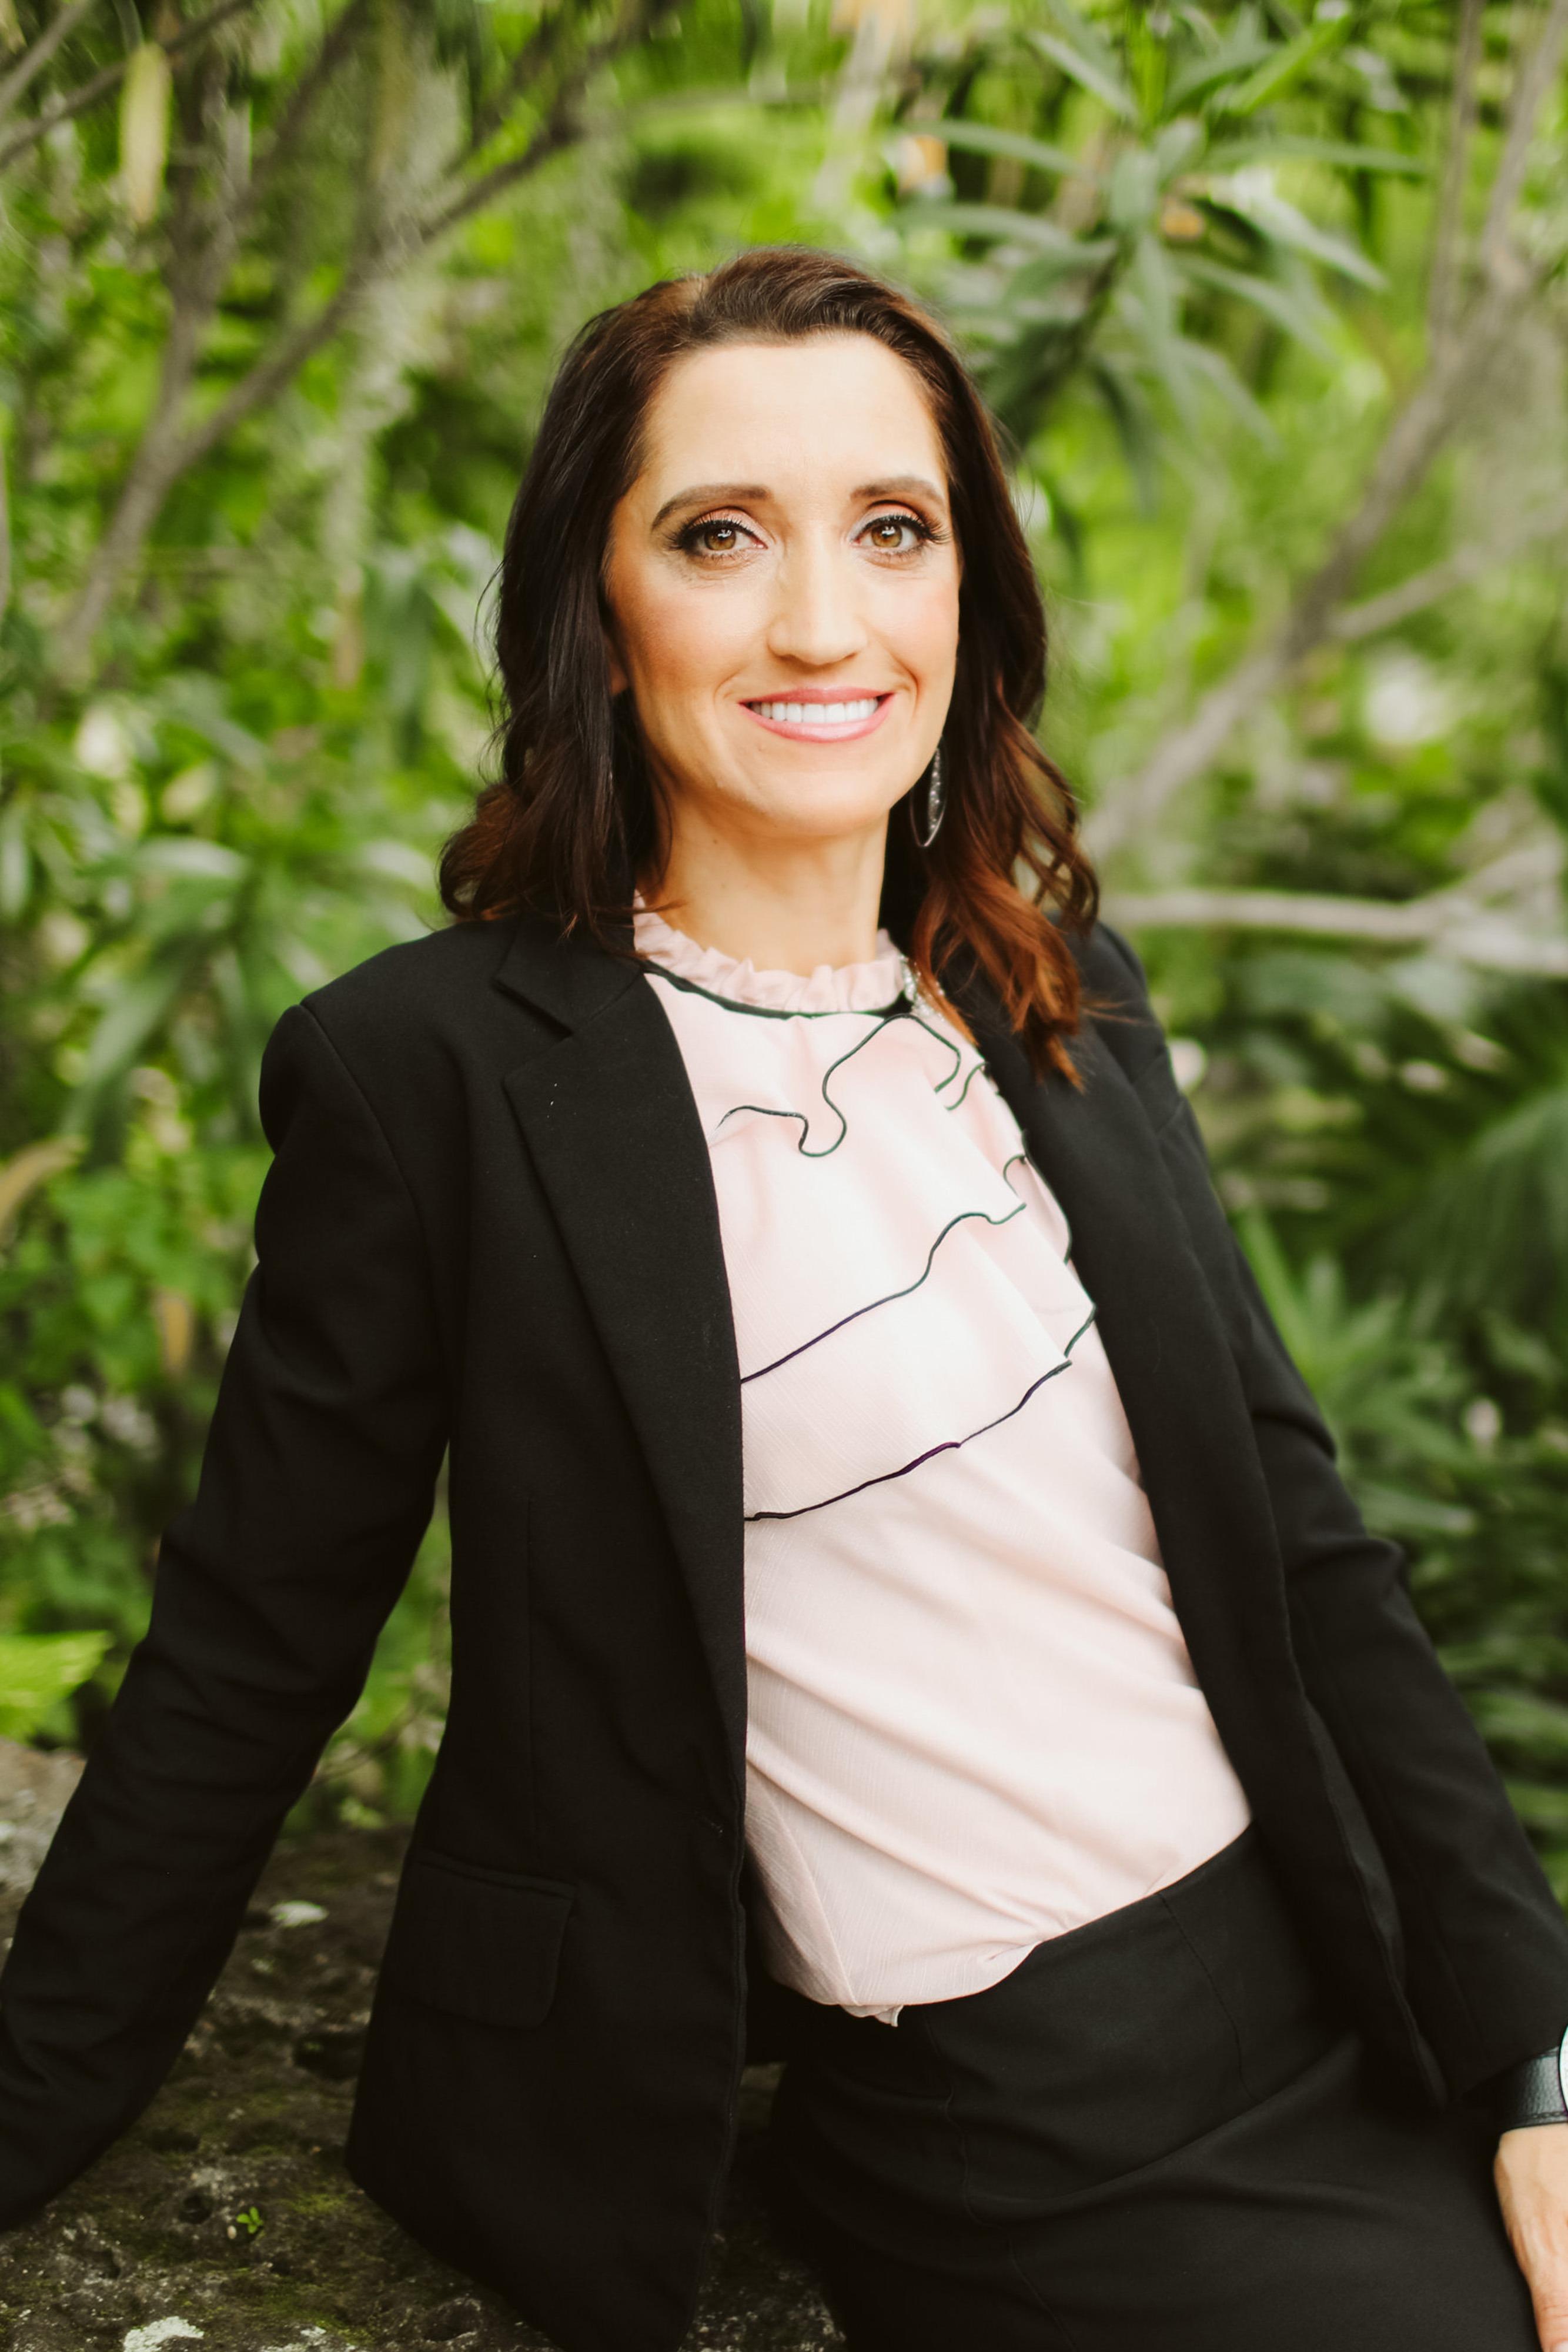 Michelle Edmiston